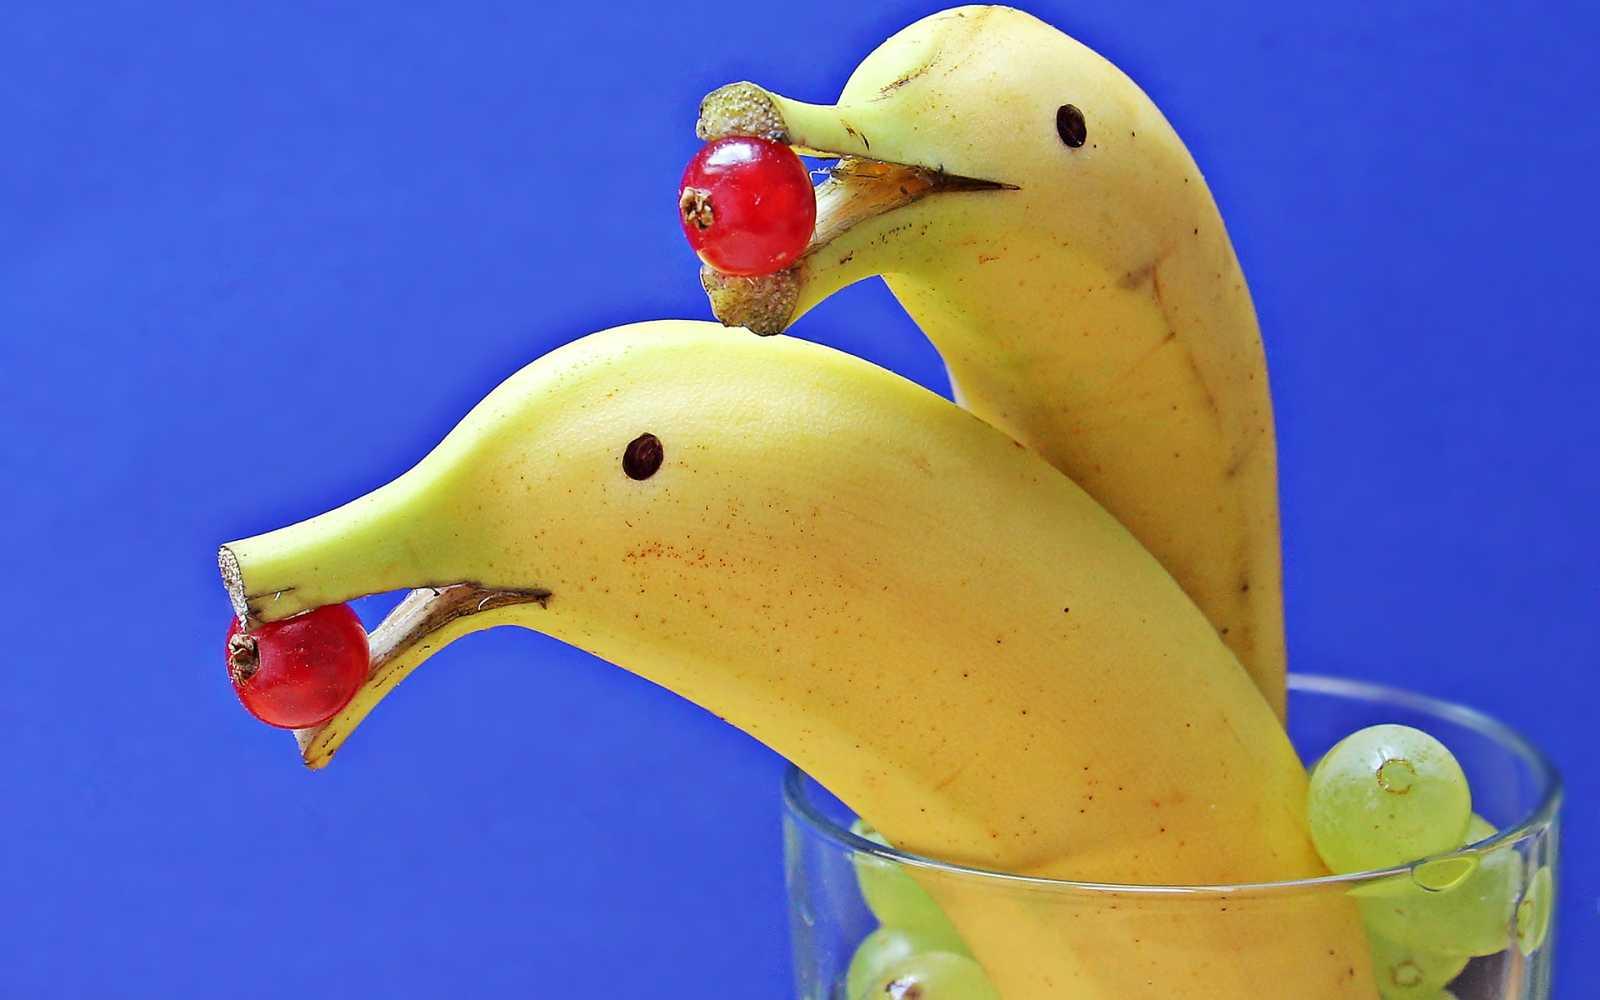 delfin-bananas-pixabay